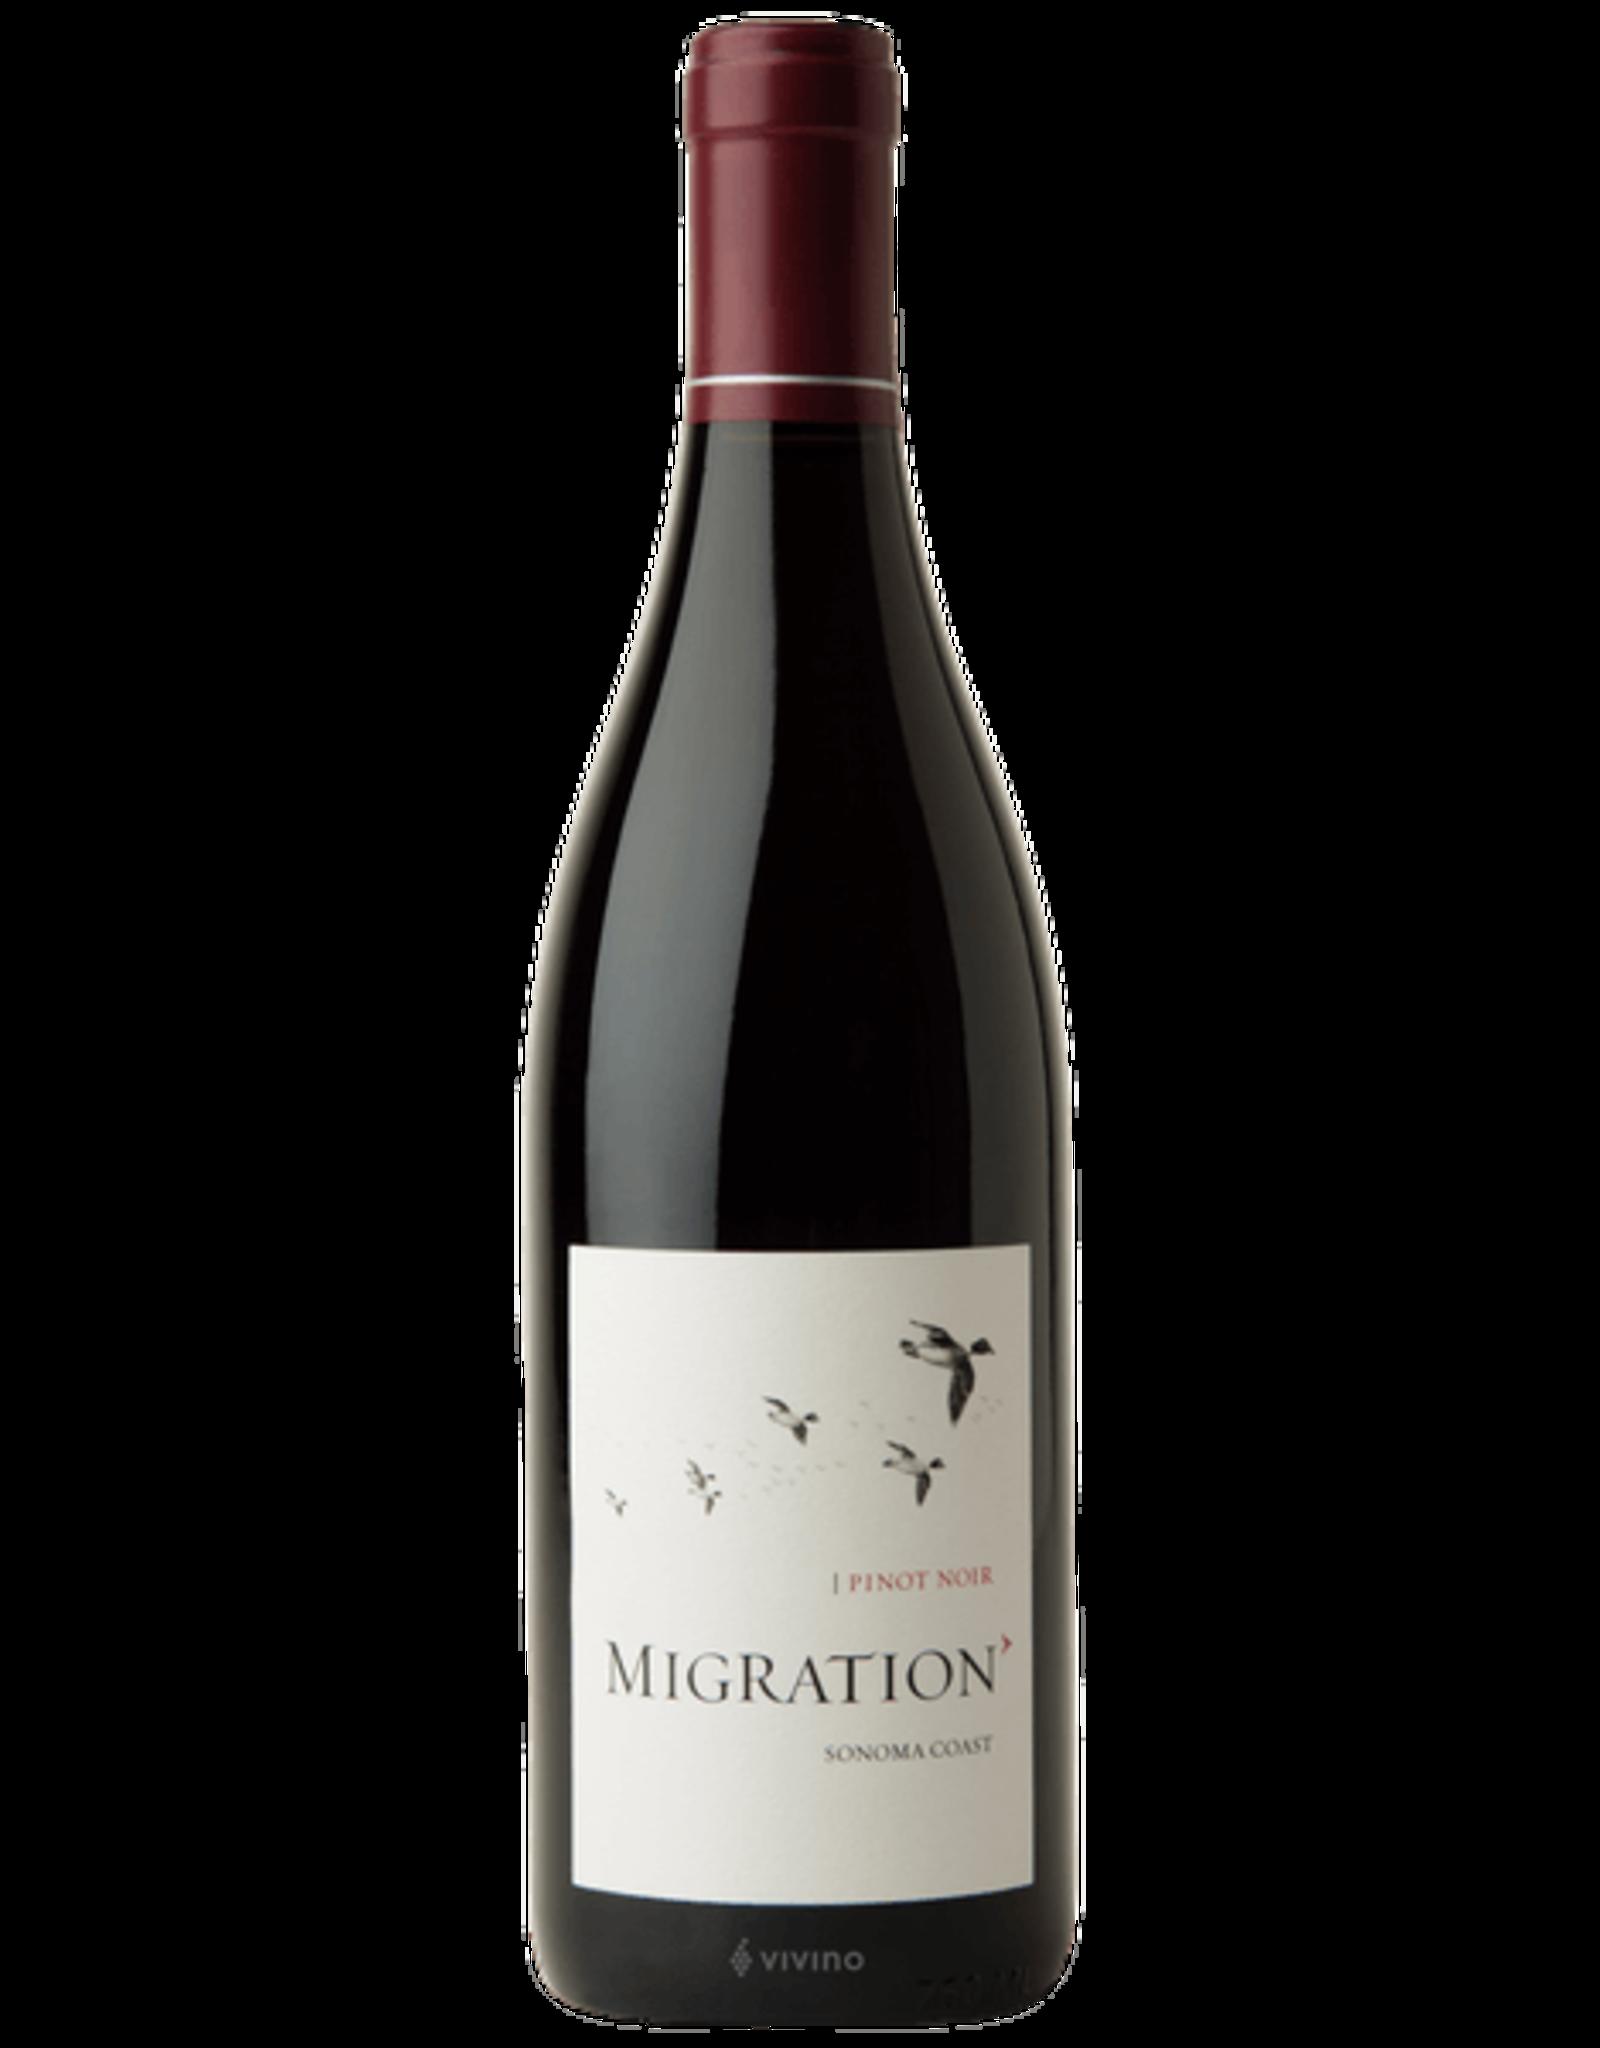 Duckhorn Migration Pinot Noir 2018